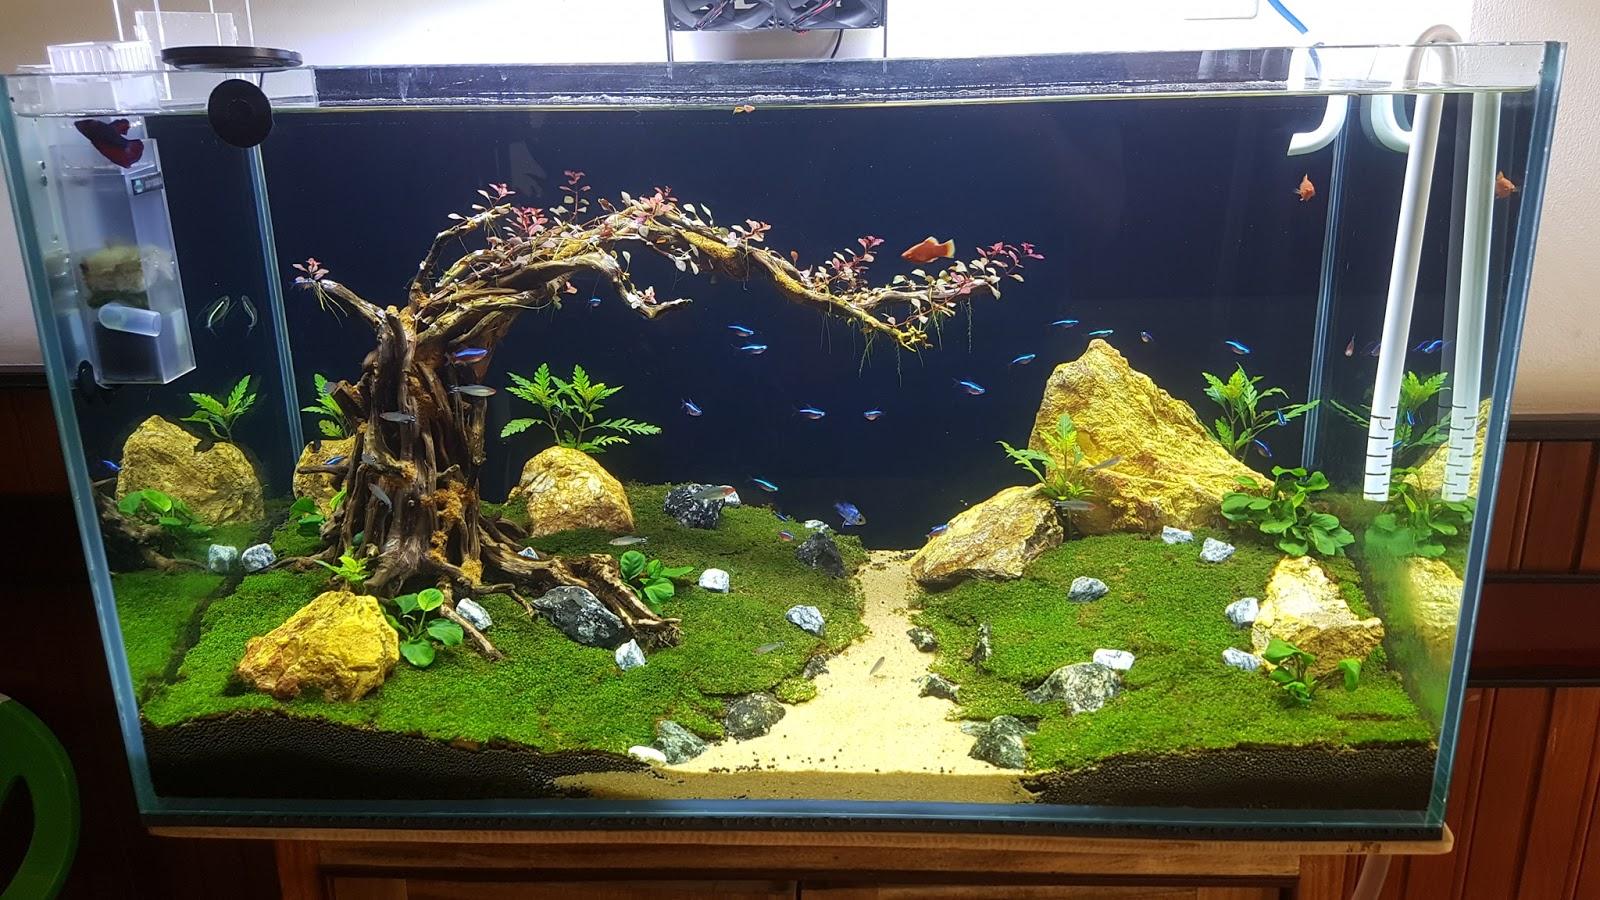 Hồ thủy sinh chơi rêu mini fiss của bạn Anhvu Nguyen